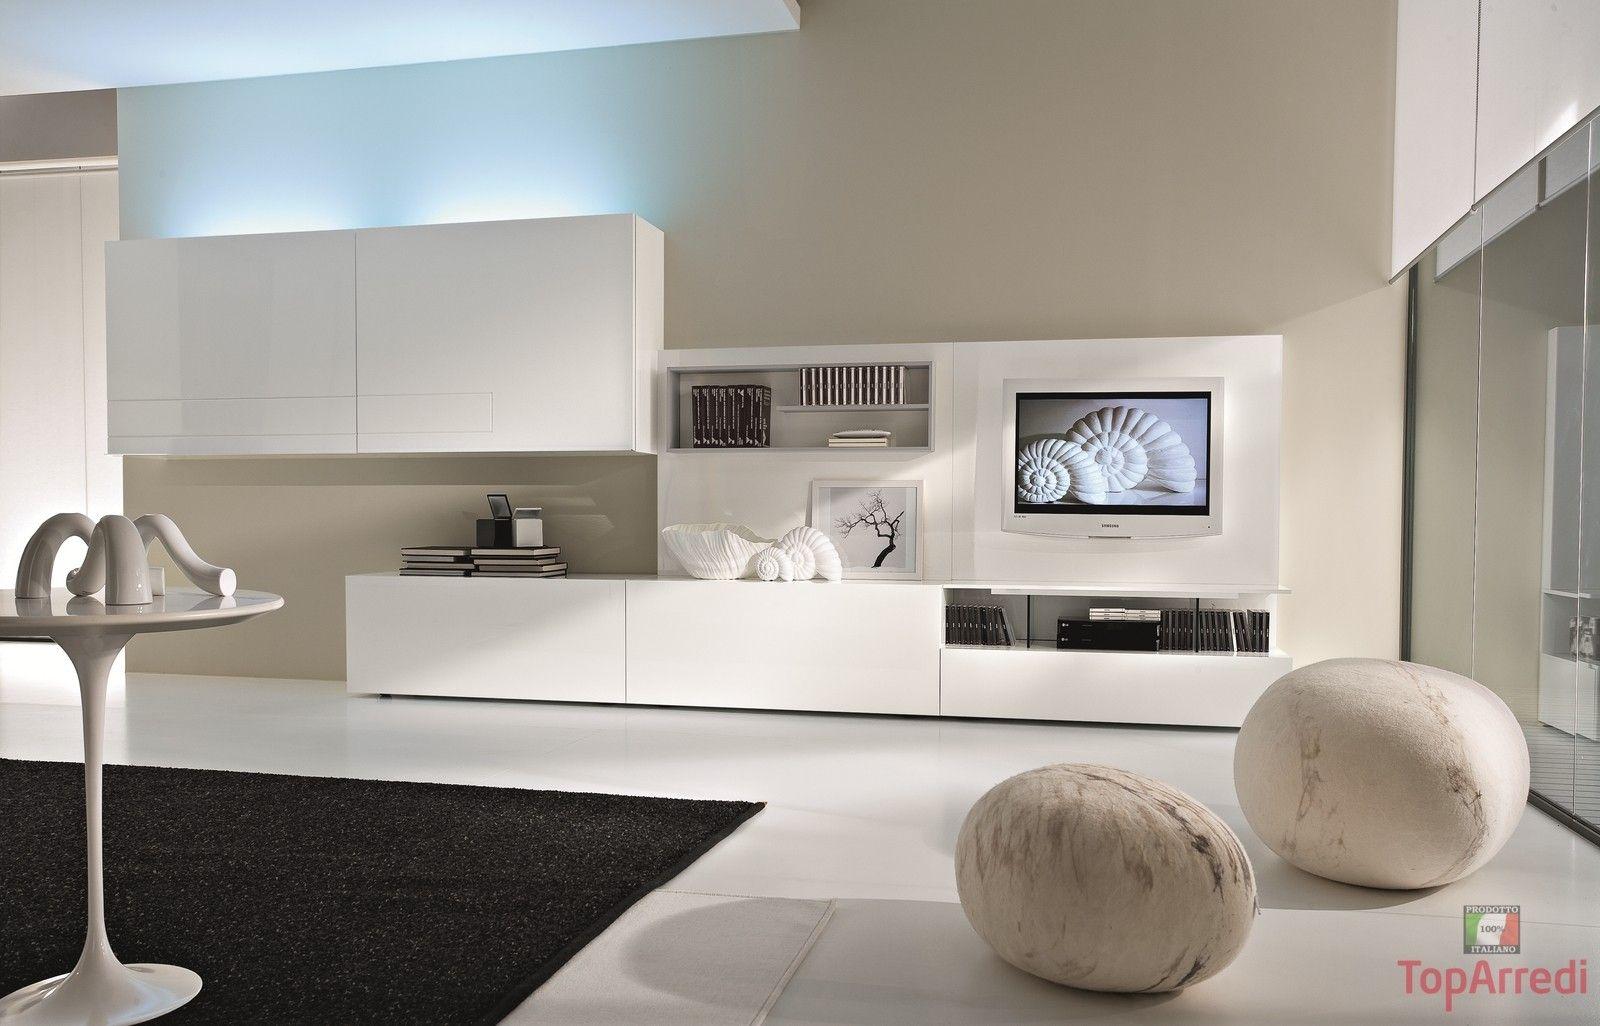 Soggiorni mercatone uno 2015 catalogo: Pin By Cinzia Acciarri On Modern Livings Modern Living Room White Magic Sala